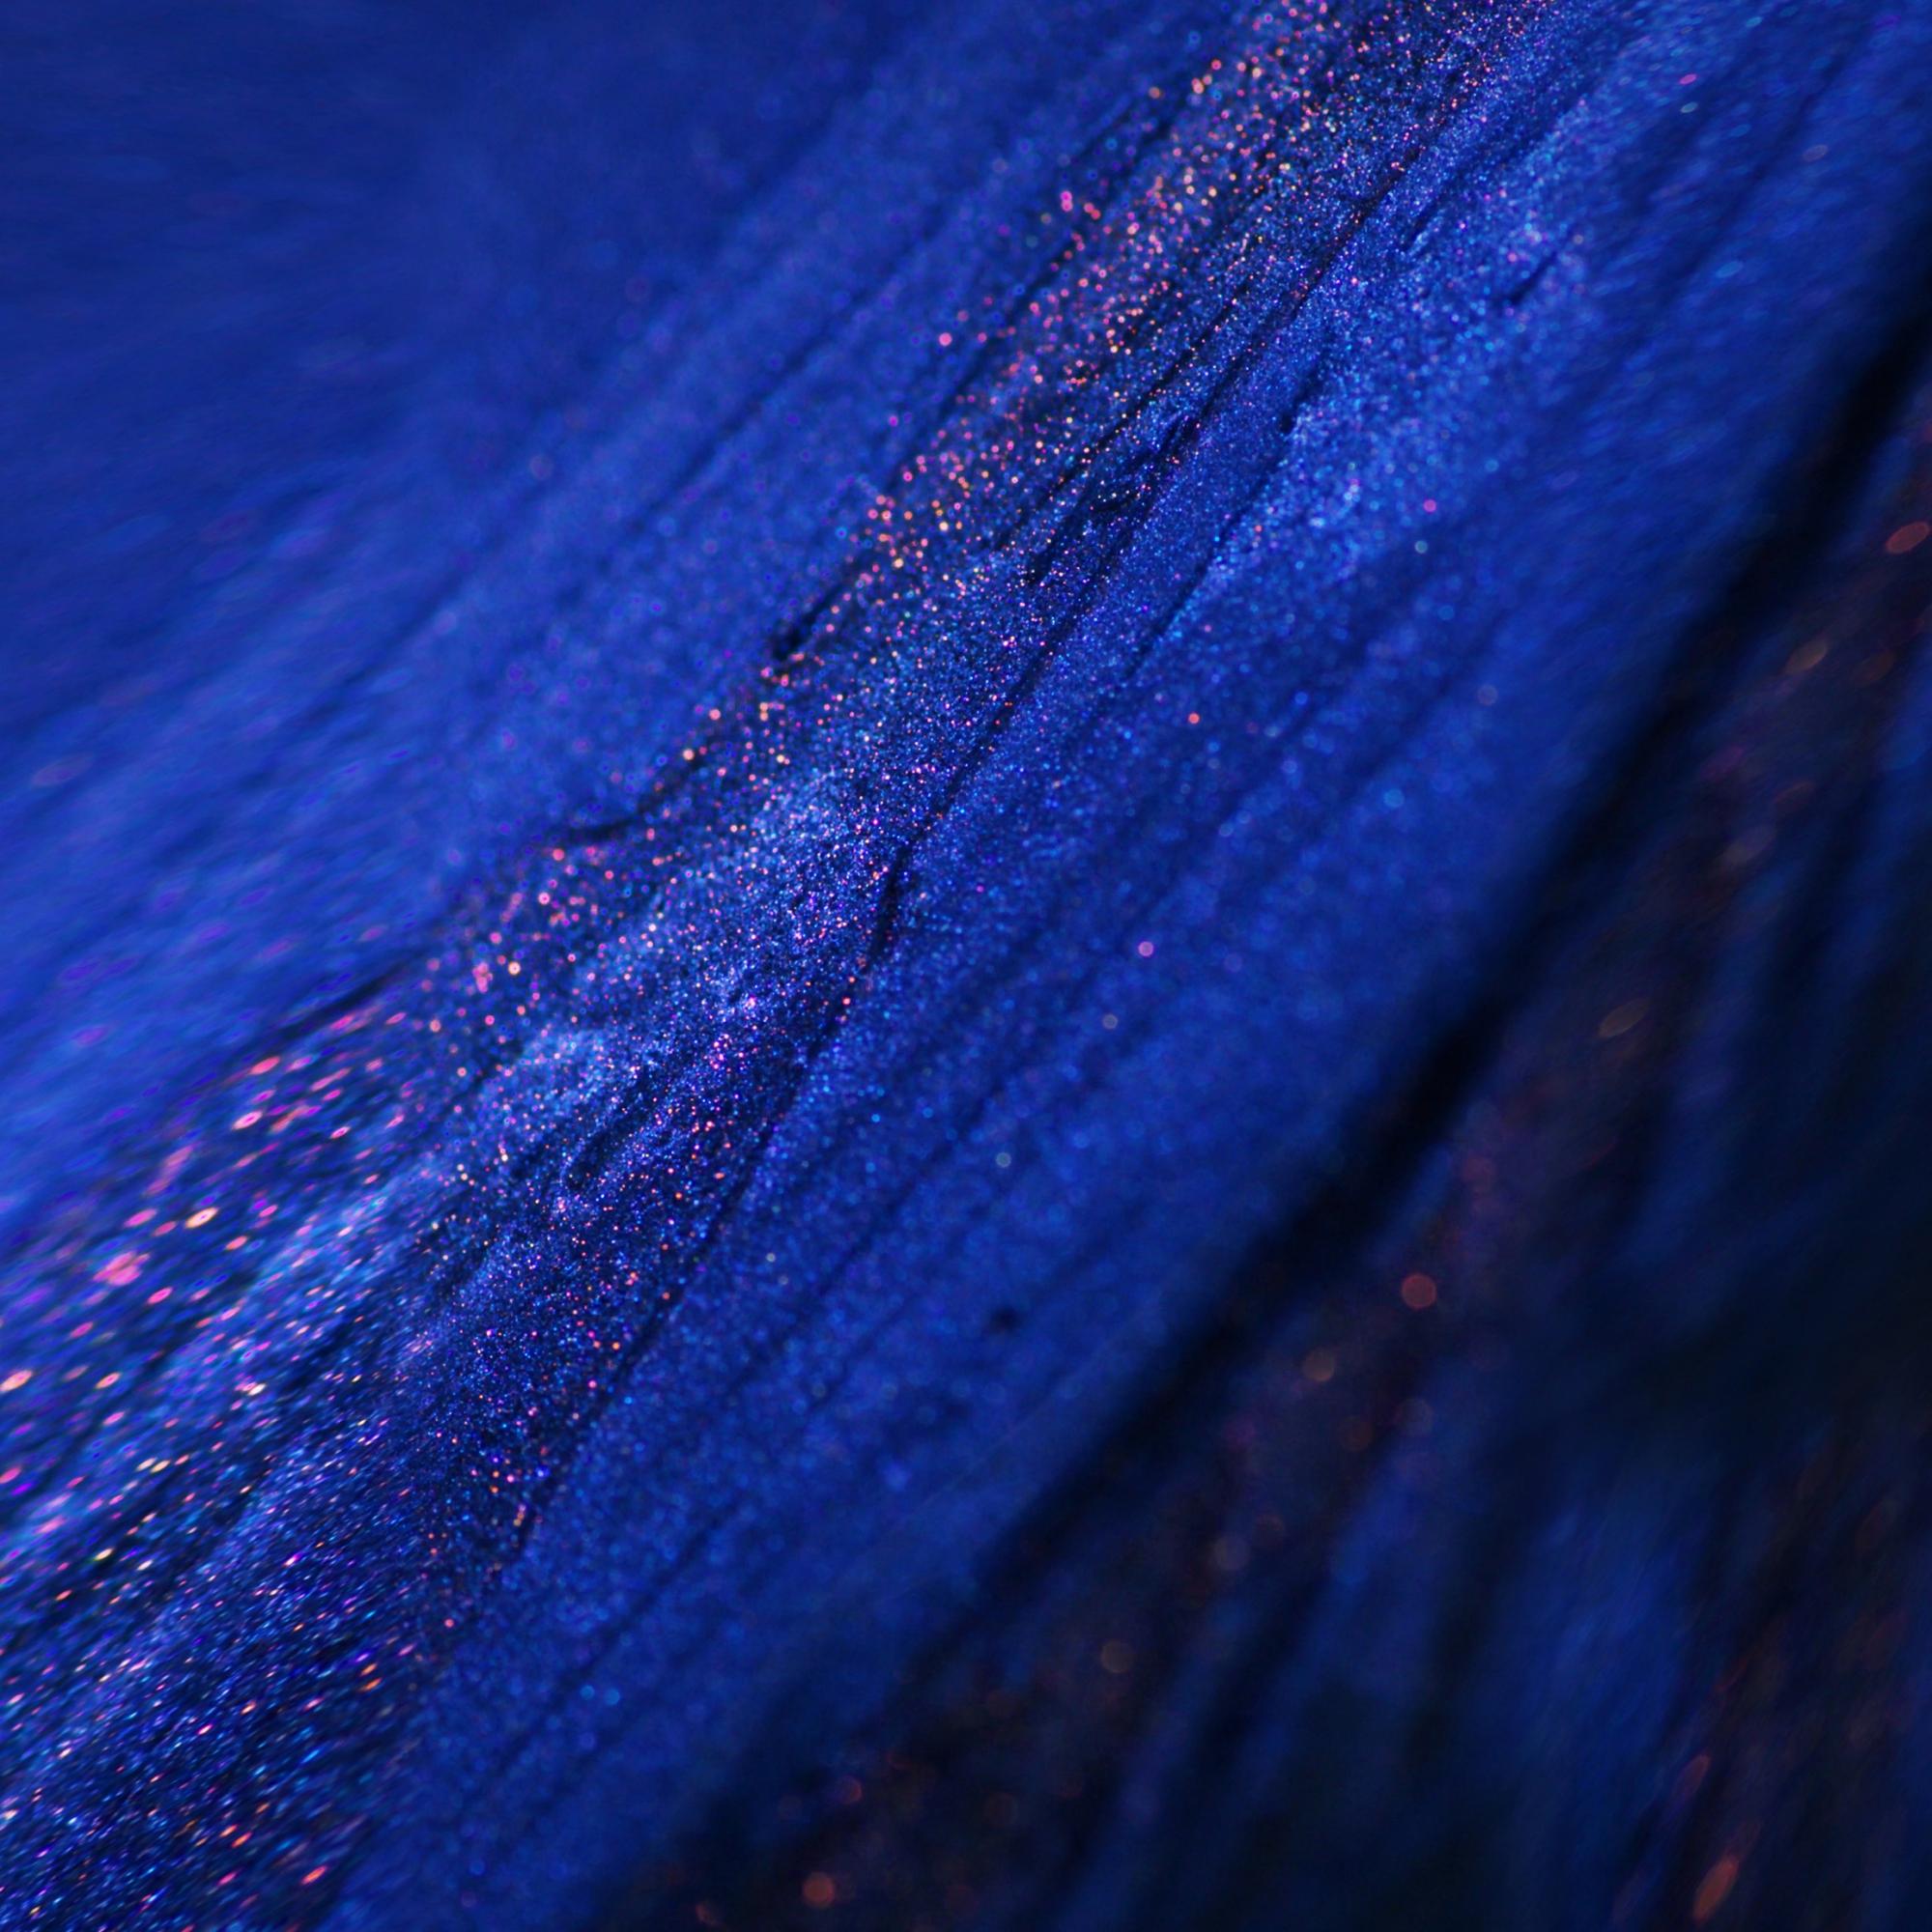 银河home_wallpaper_0.jpg